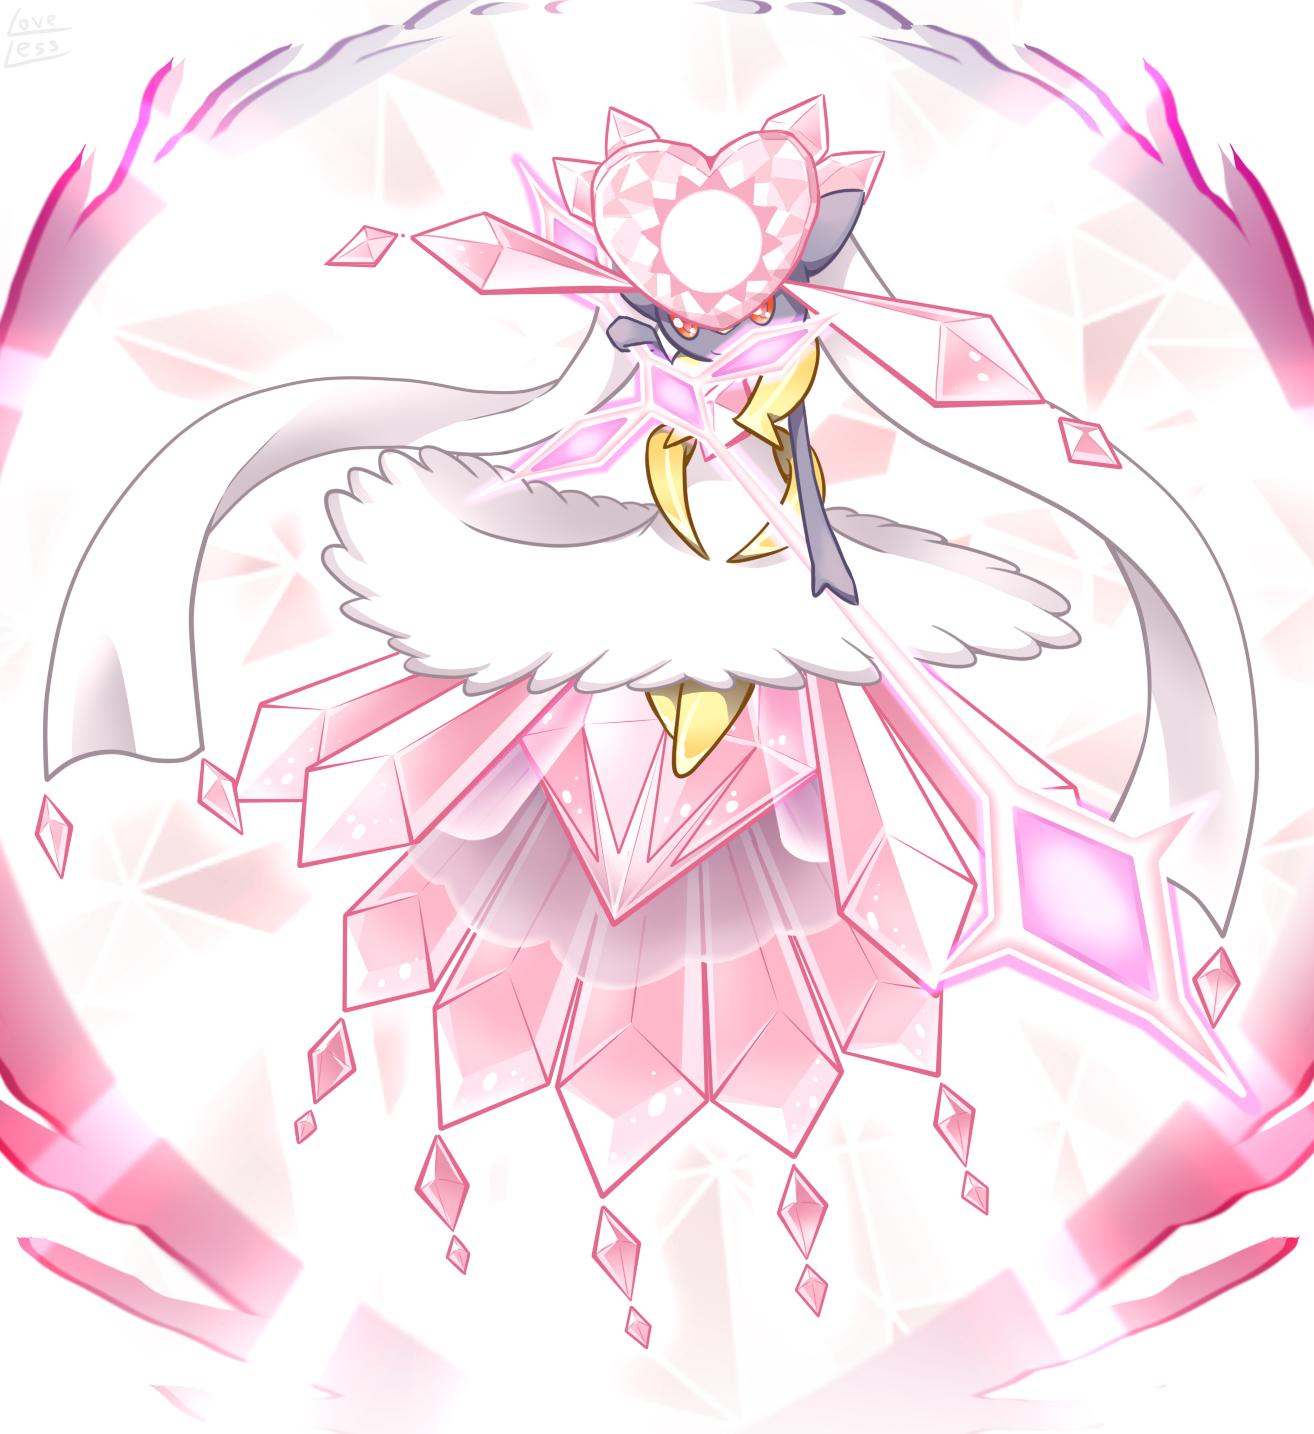 Diancie Pok 233 Mon Image 1990553 Zerochan Anime Image Board